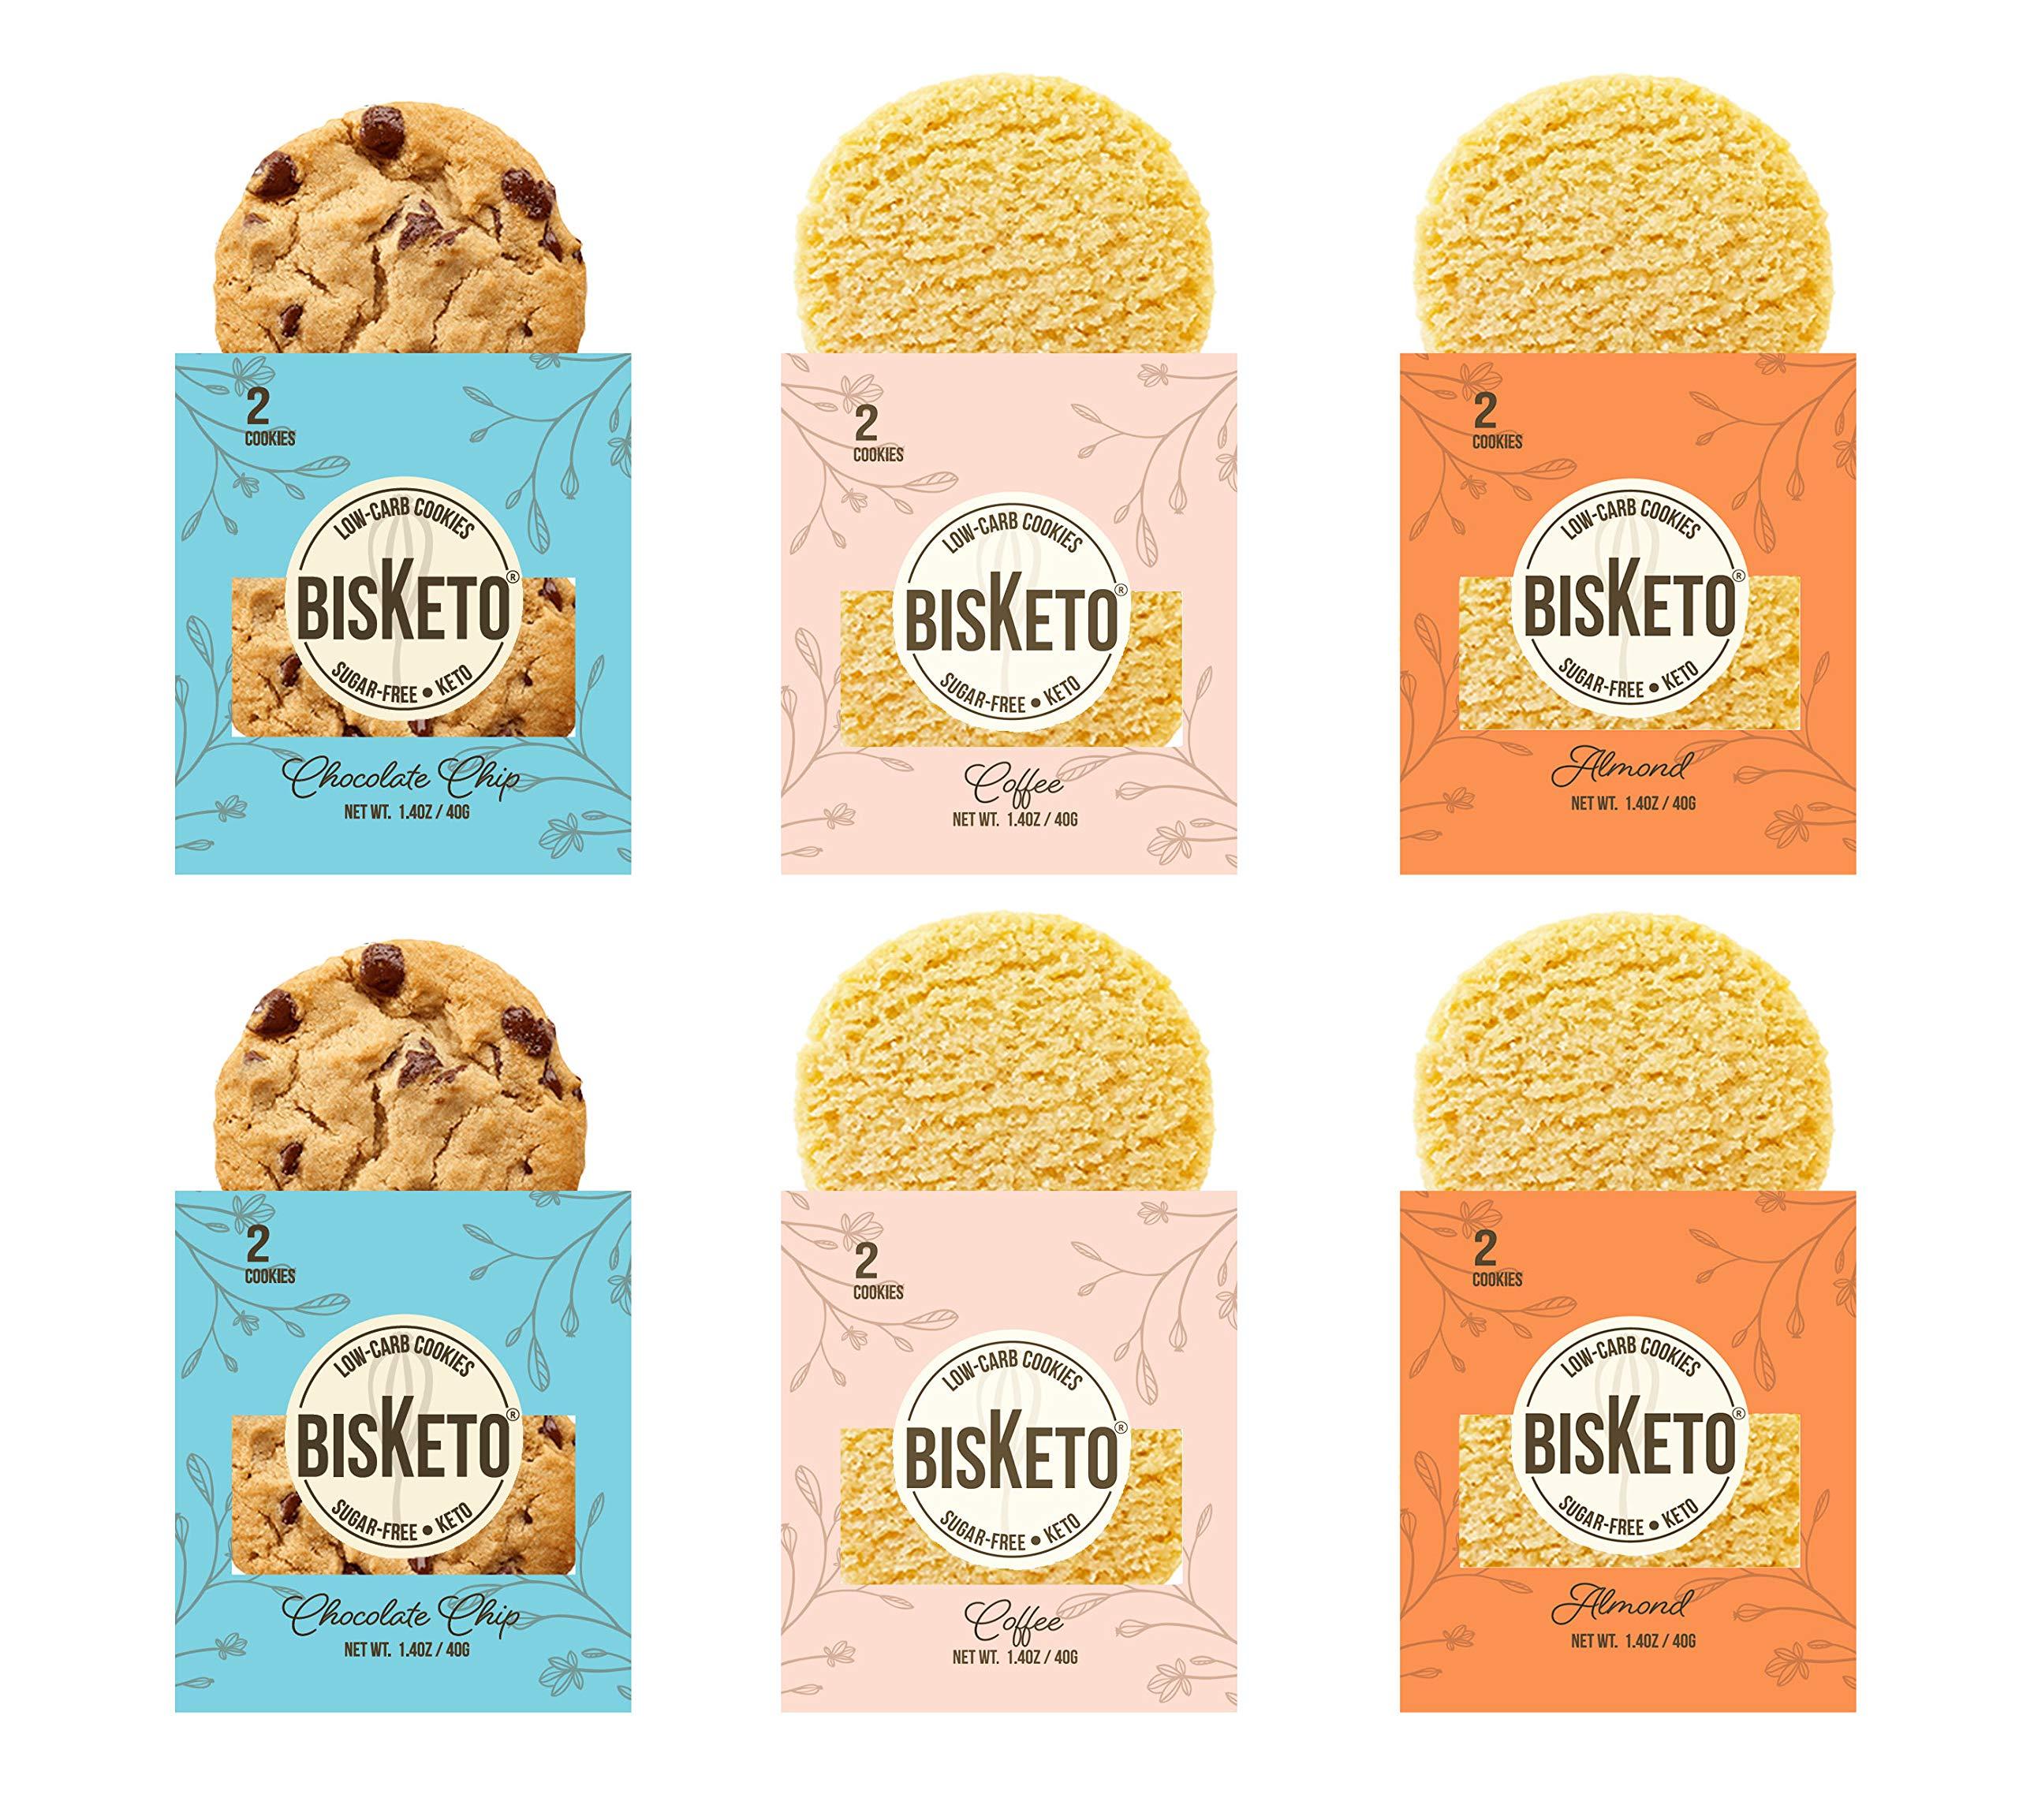 Low Carb Cookies BisKeto - Keto Snacks, Low Net Carbs, No Sugar, Gluten & Grain Free - Box with 6 Packs,12 Cookies (Variety Joy) - Ketogenic Diet Friendly & Healthy Snack Food by BisKeto